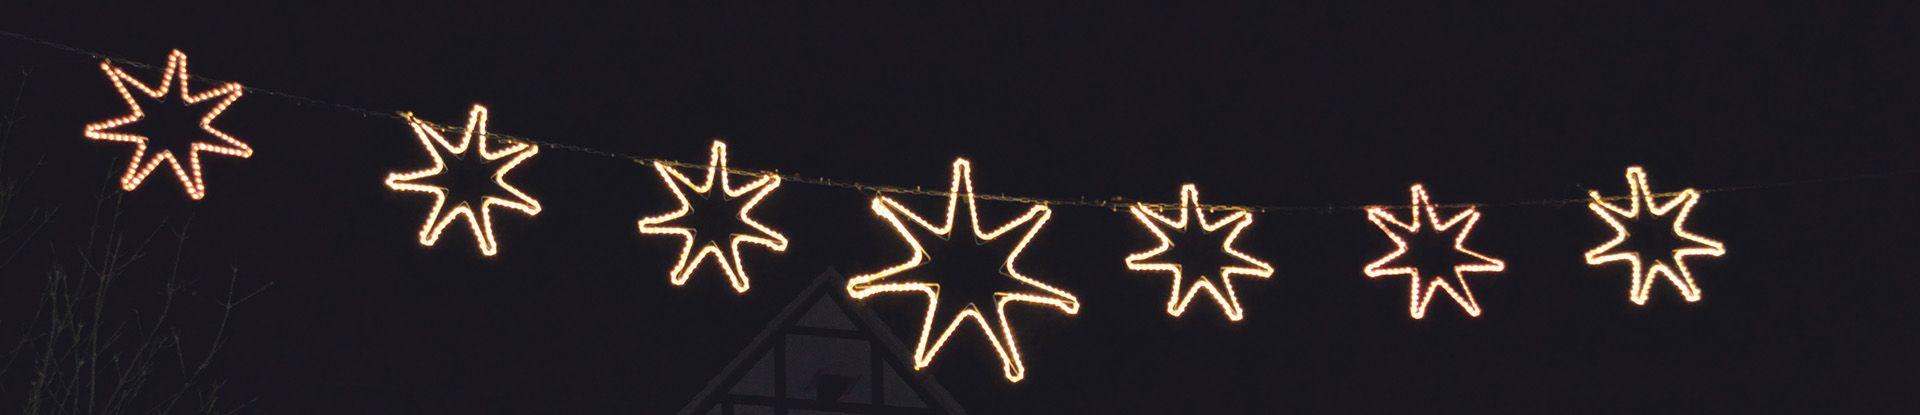 Siebensternlichterkette in der Innenstadt